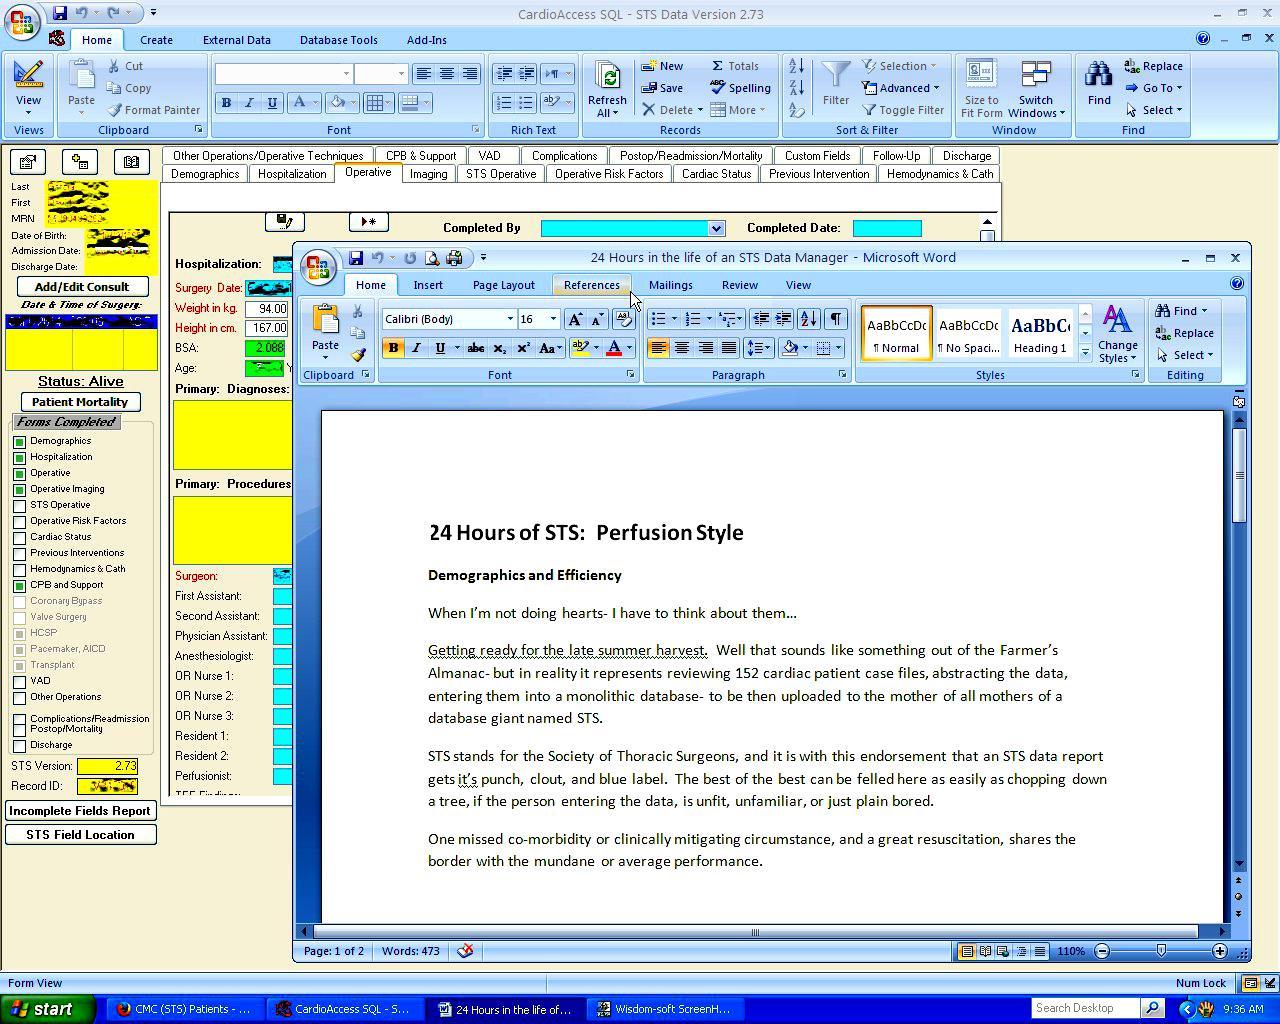 ScreenHunter_26 Aug. 10 09.36